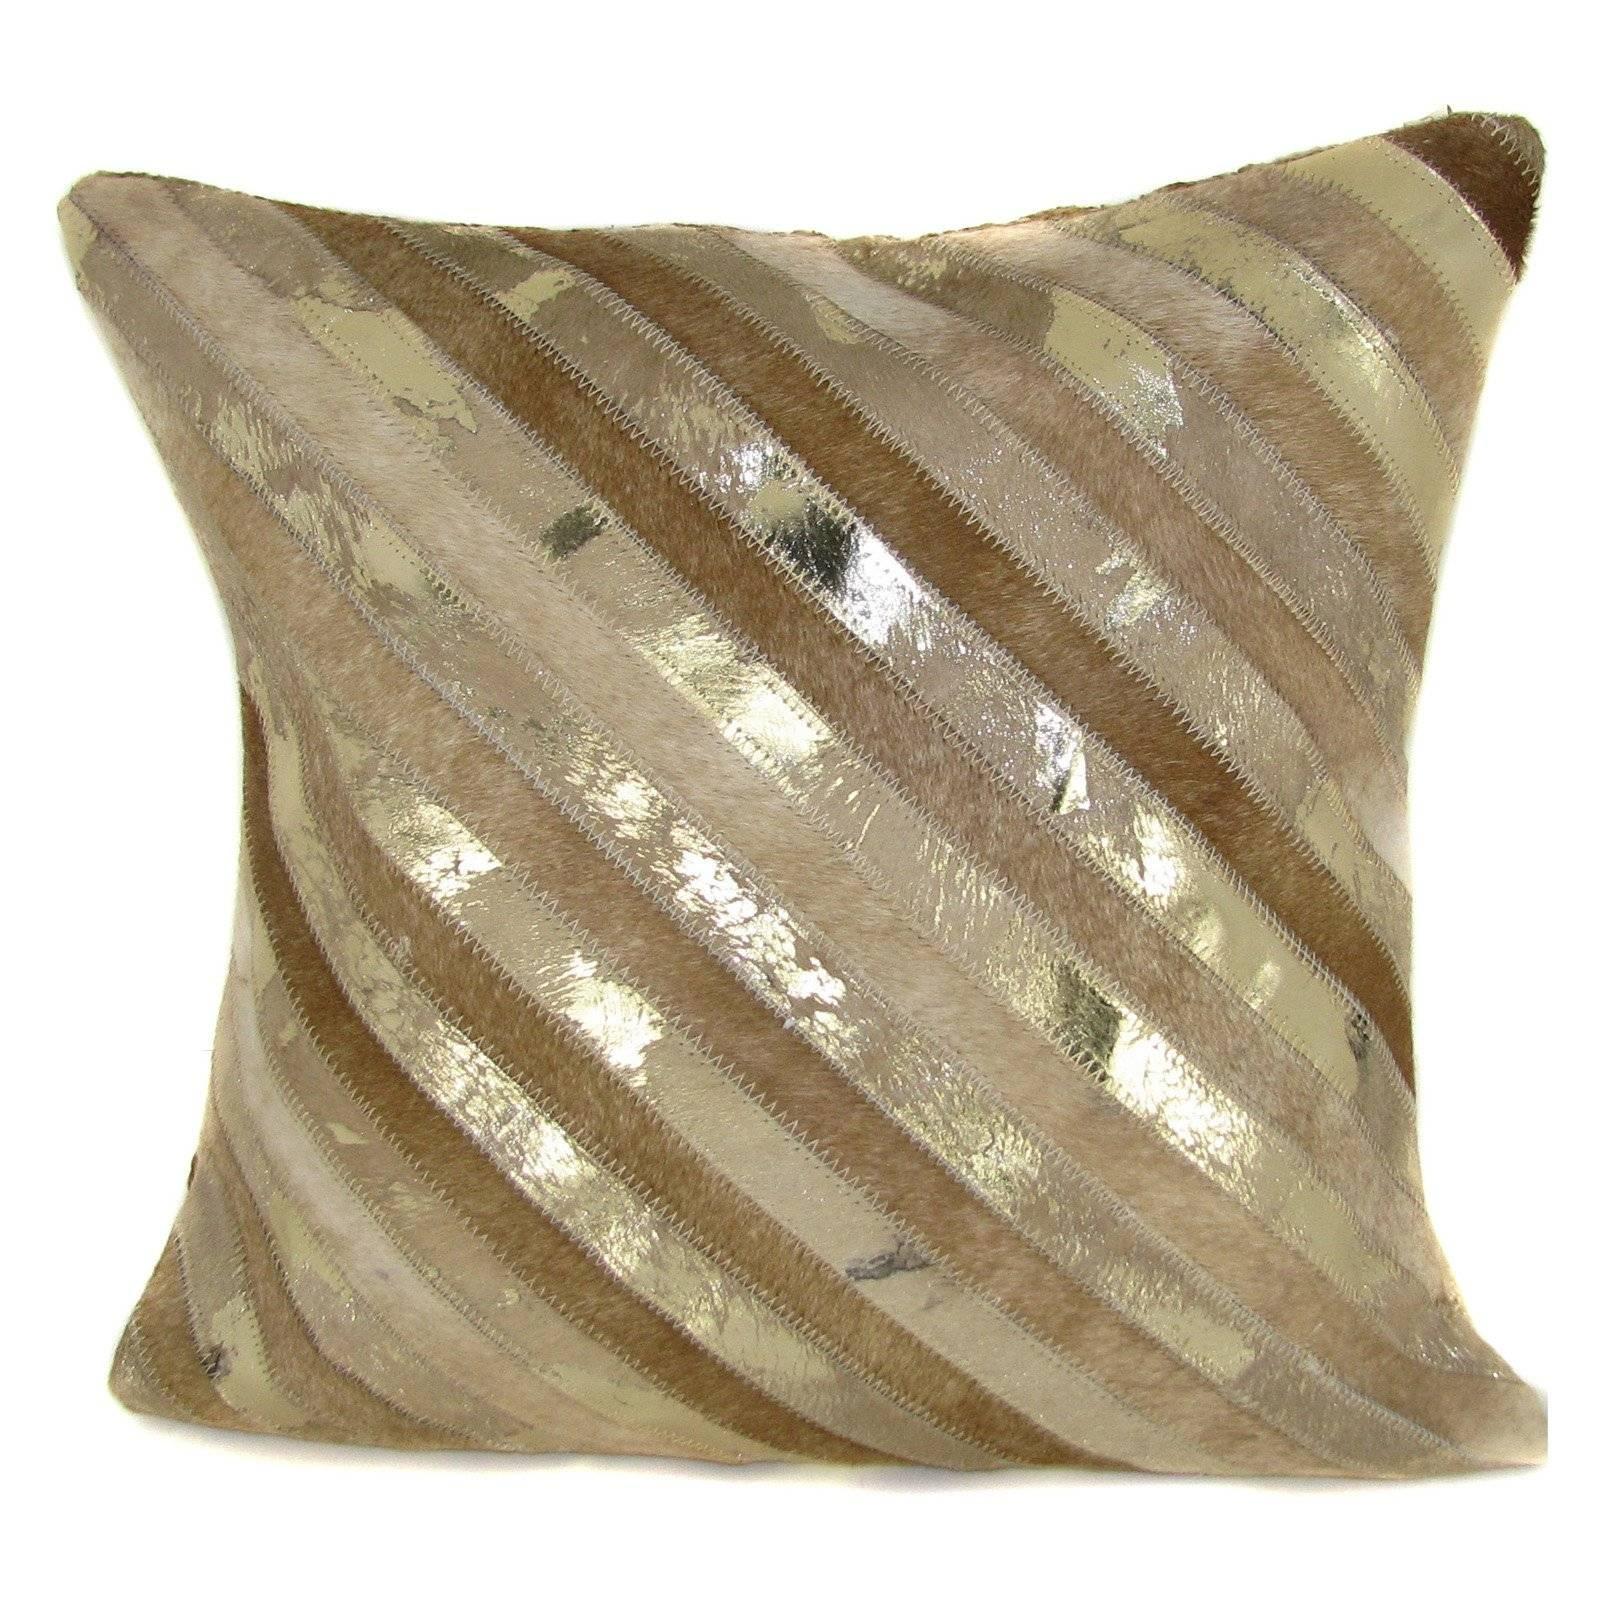 Gold Throw Pillows Ideas : Decorative Gold Throw Pillows – Home regarding Gold Sofa Pillows (Image 6 of 15)